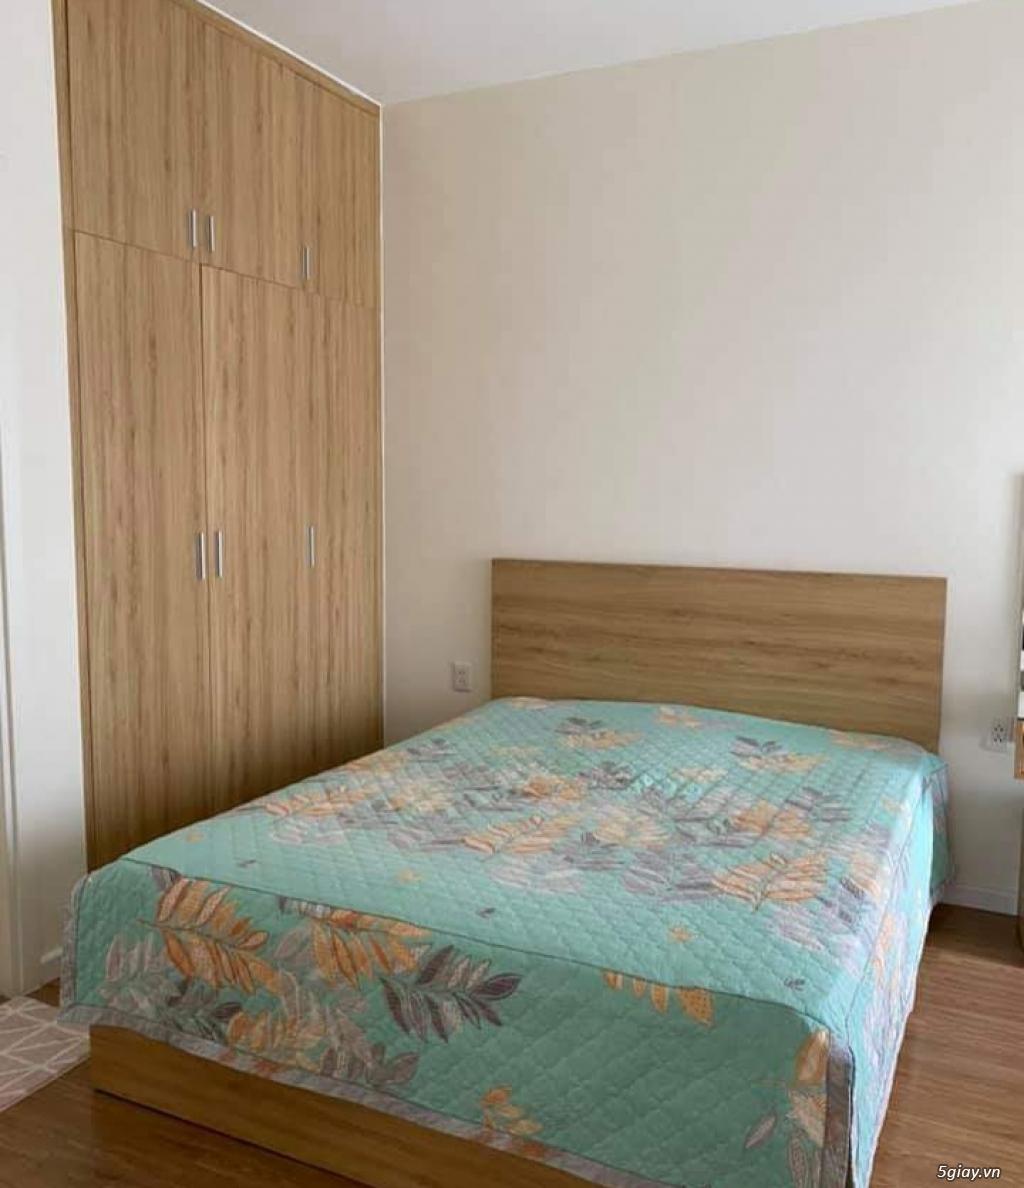 cho thuê căn hộ nội thất cao cấp Sunrise City View LH 0933 764 119 - 1